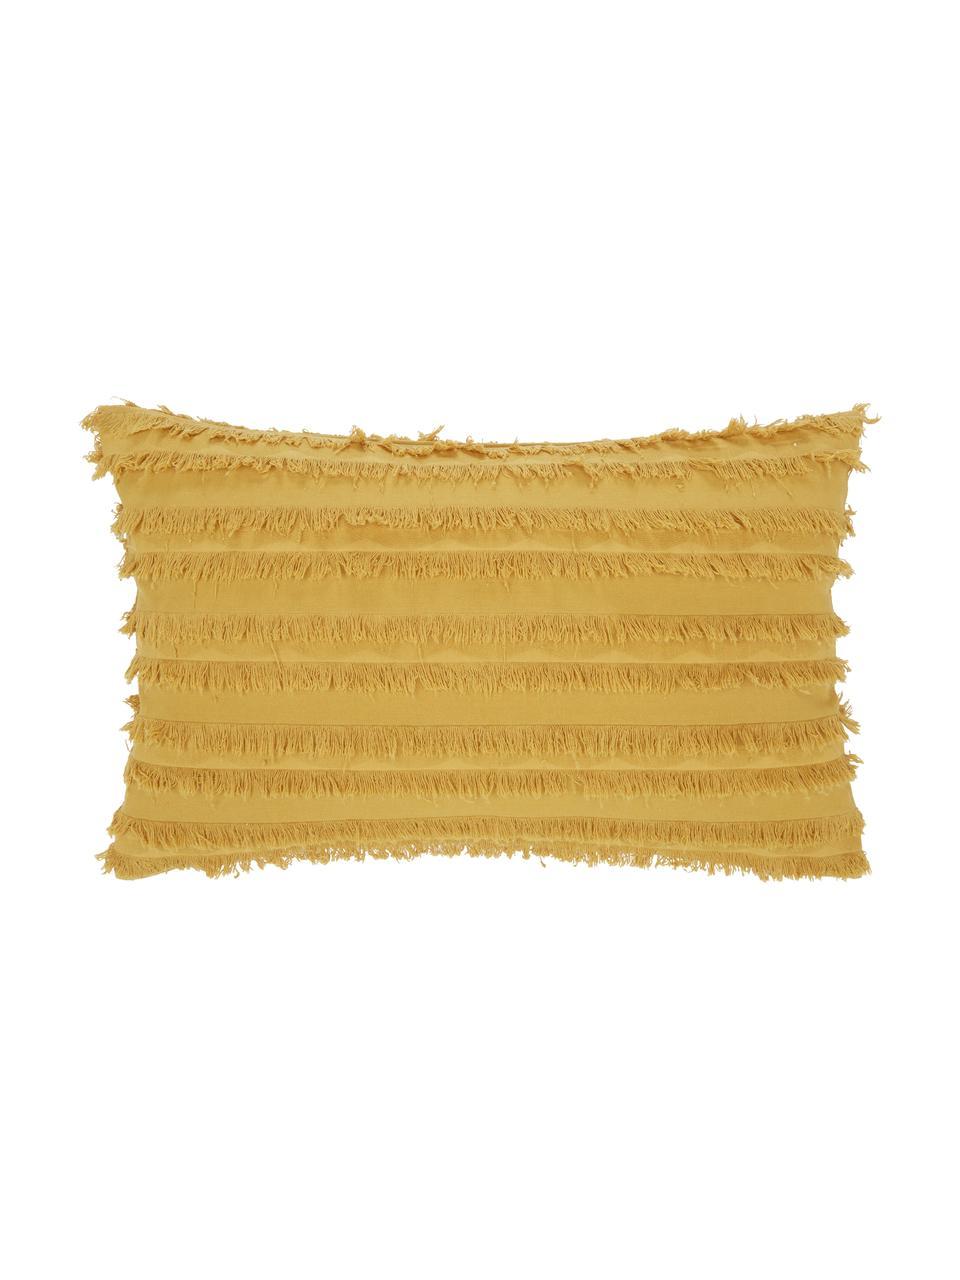 Federa arredo gialla con frange decorative Jessie, 88% cotone, 7% viscosa, 5% lino, Giallo, Larg. 30 x Lung. 50 cm